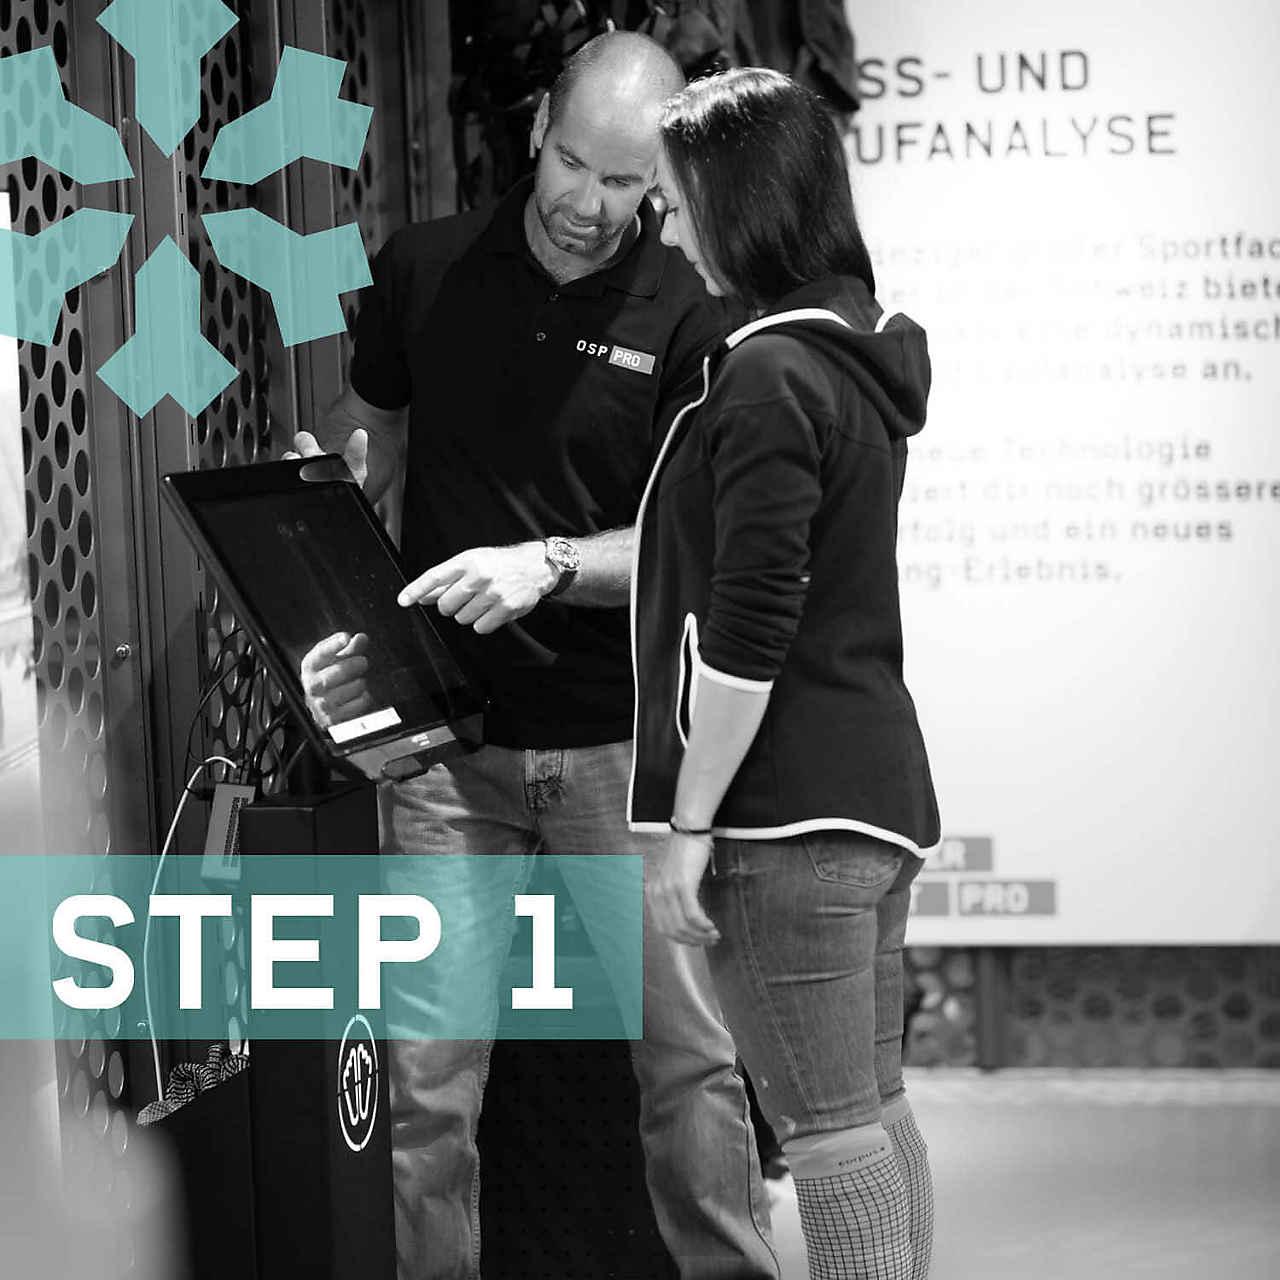 ochsner-sport-bootfitting-step1